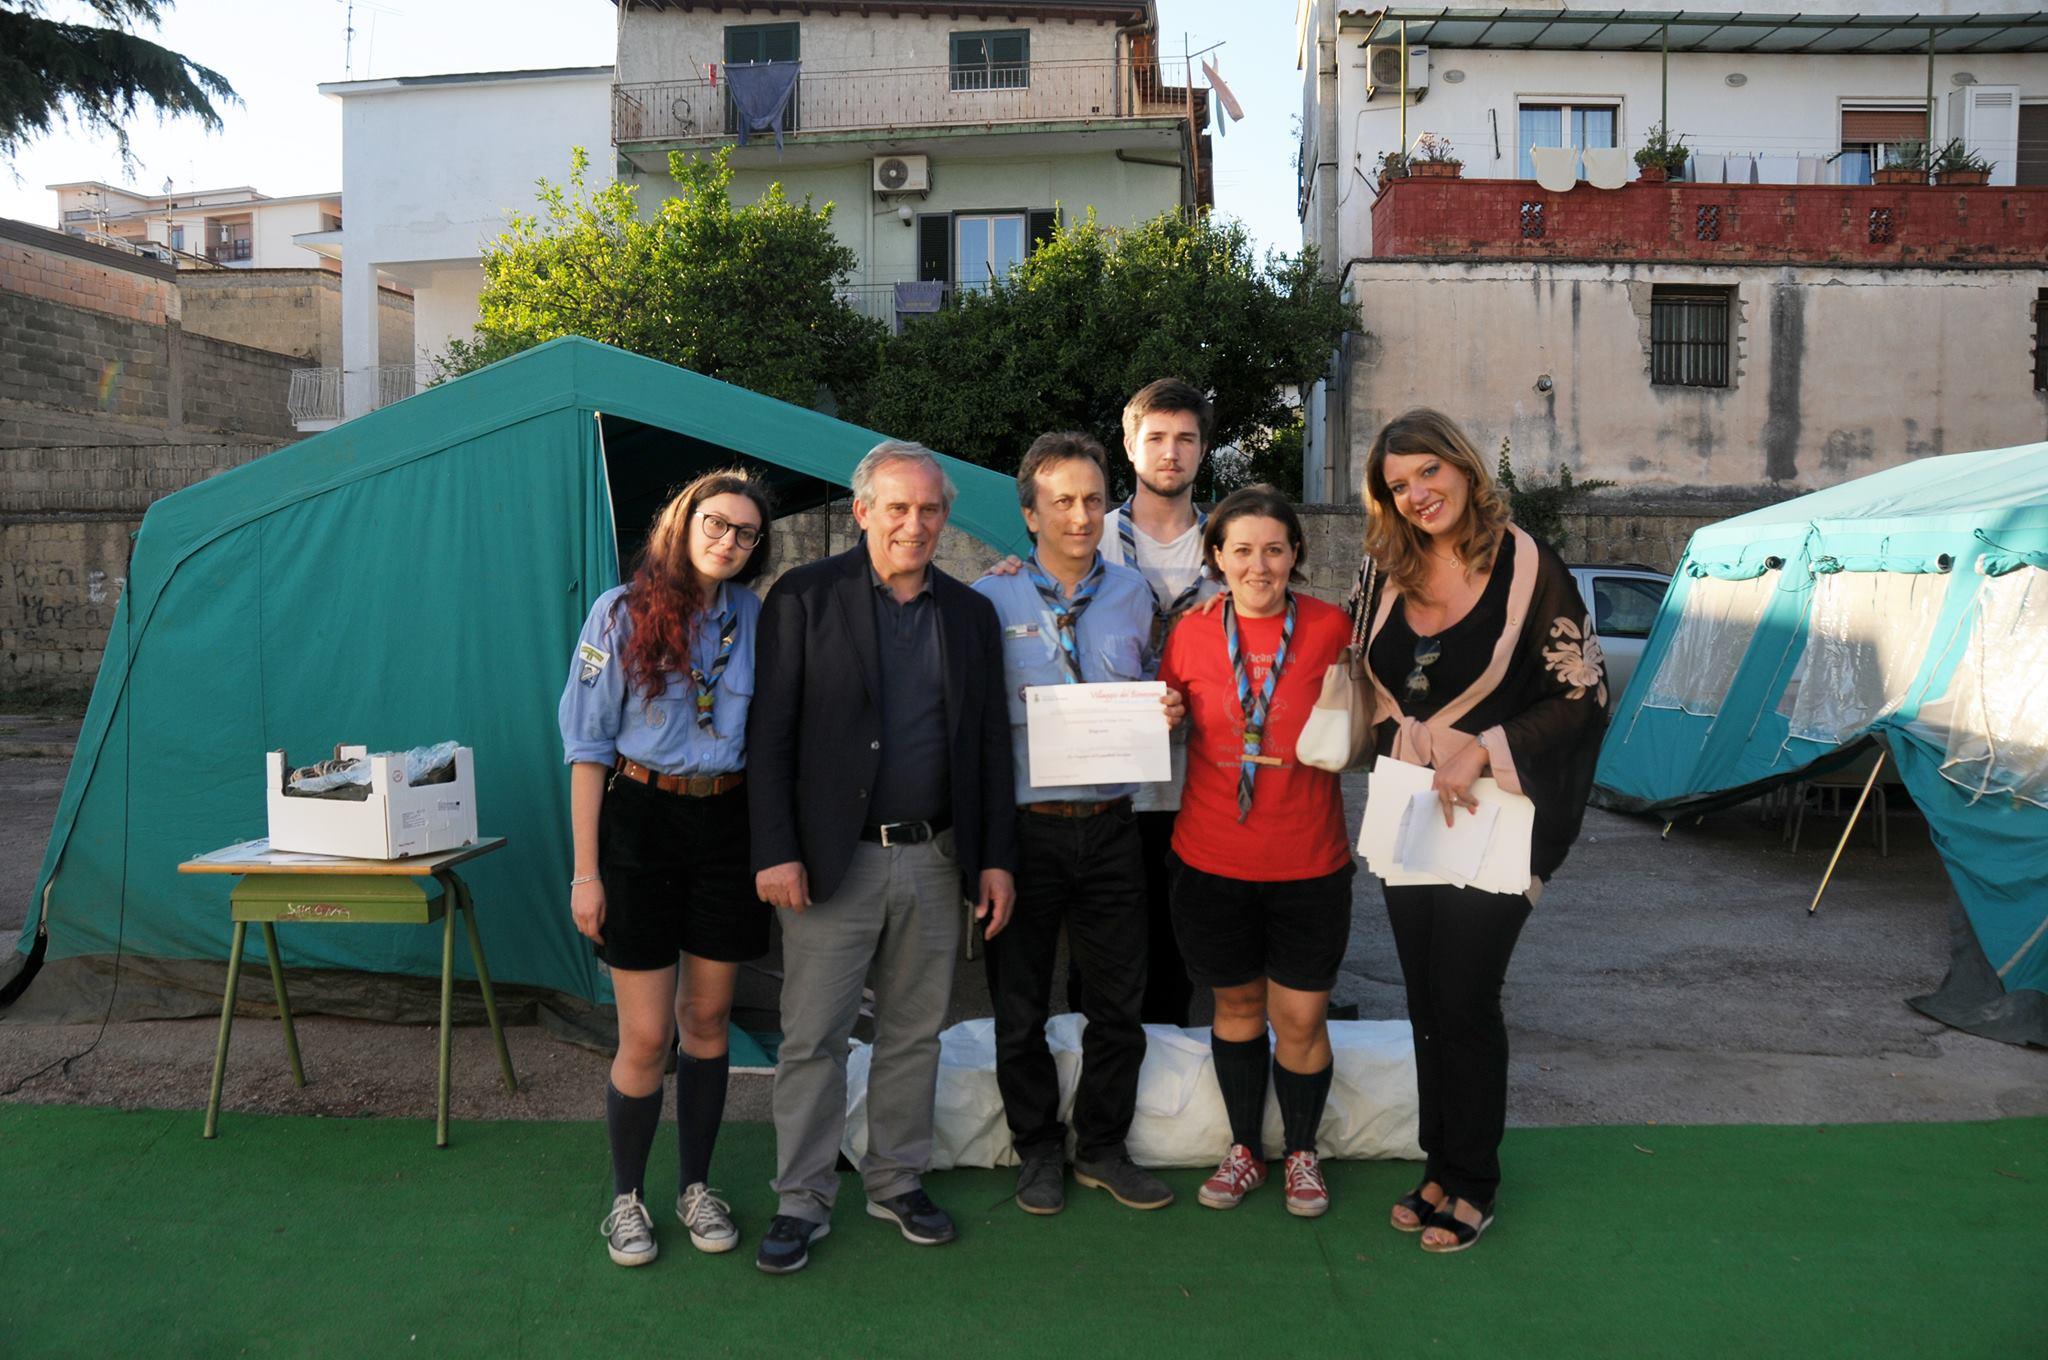 Villaggio Benessere, galleria fotografica evento, ringraziamenti..